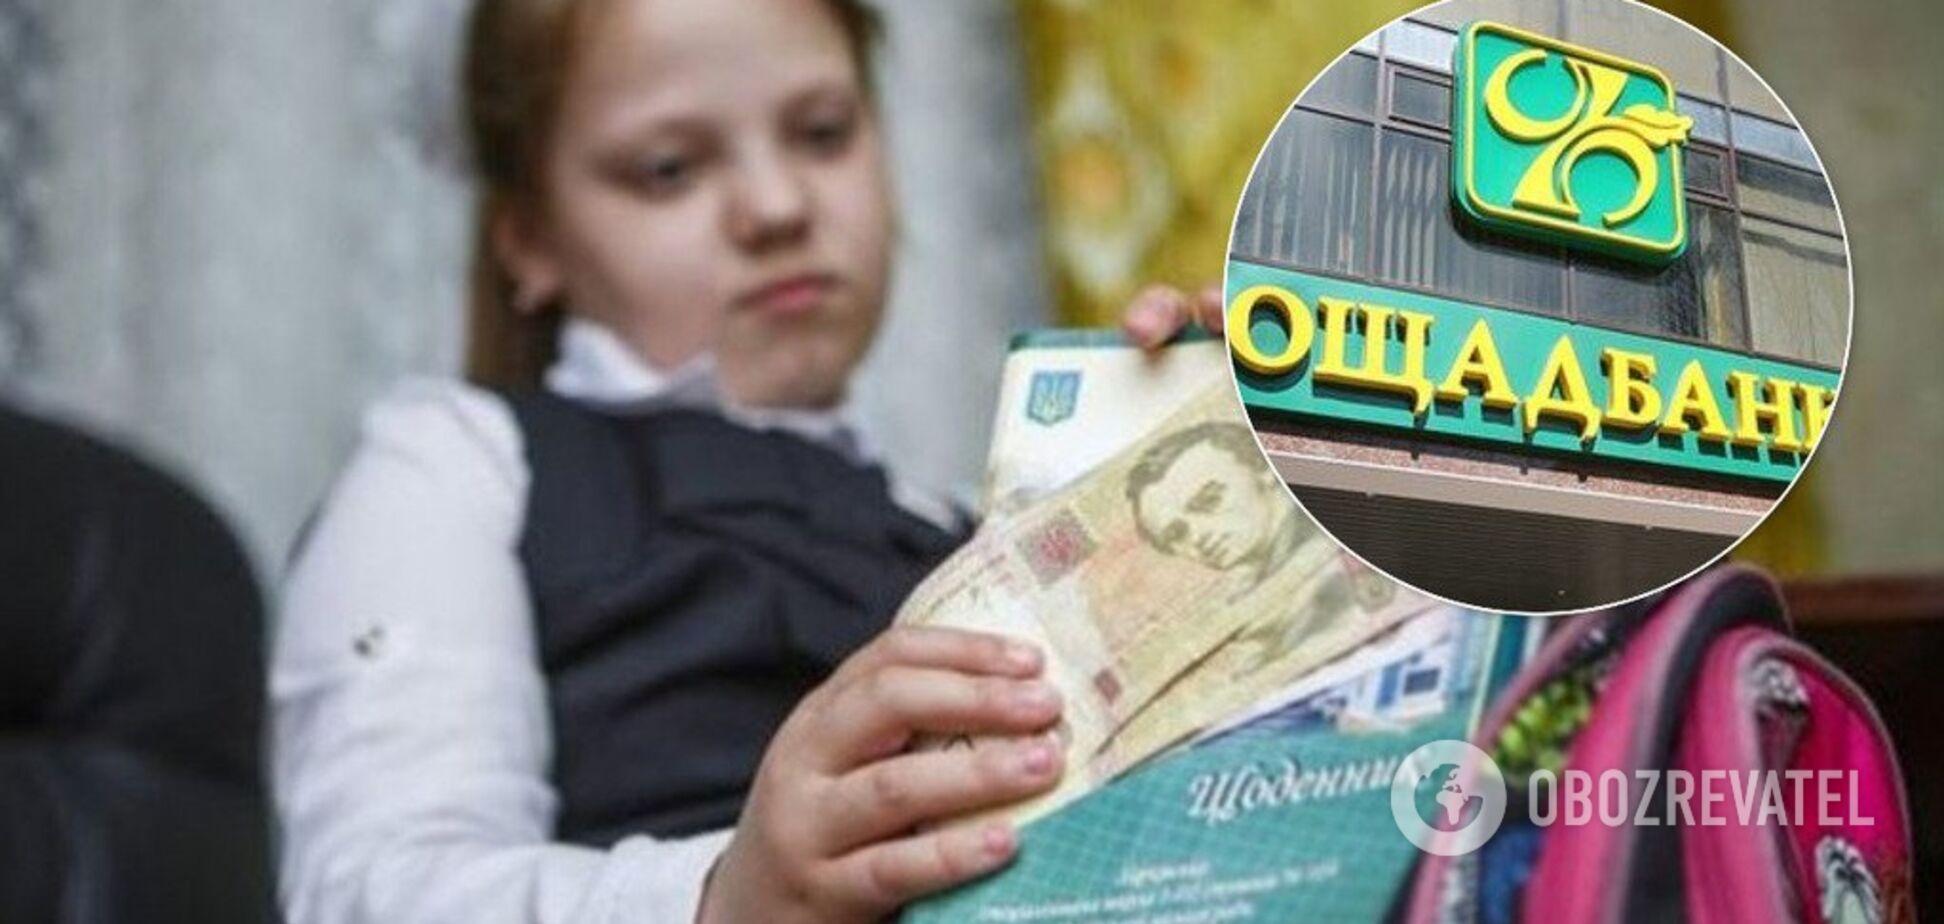 Известный банк Украины опозорился на рекламе о поборах в школе